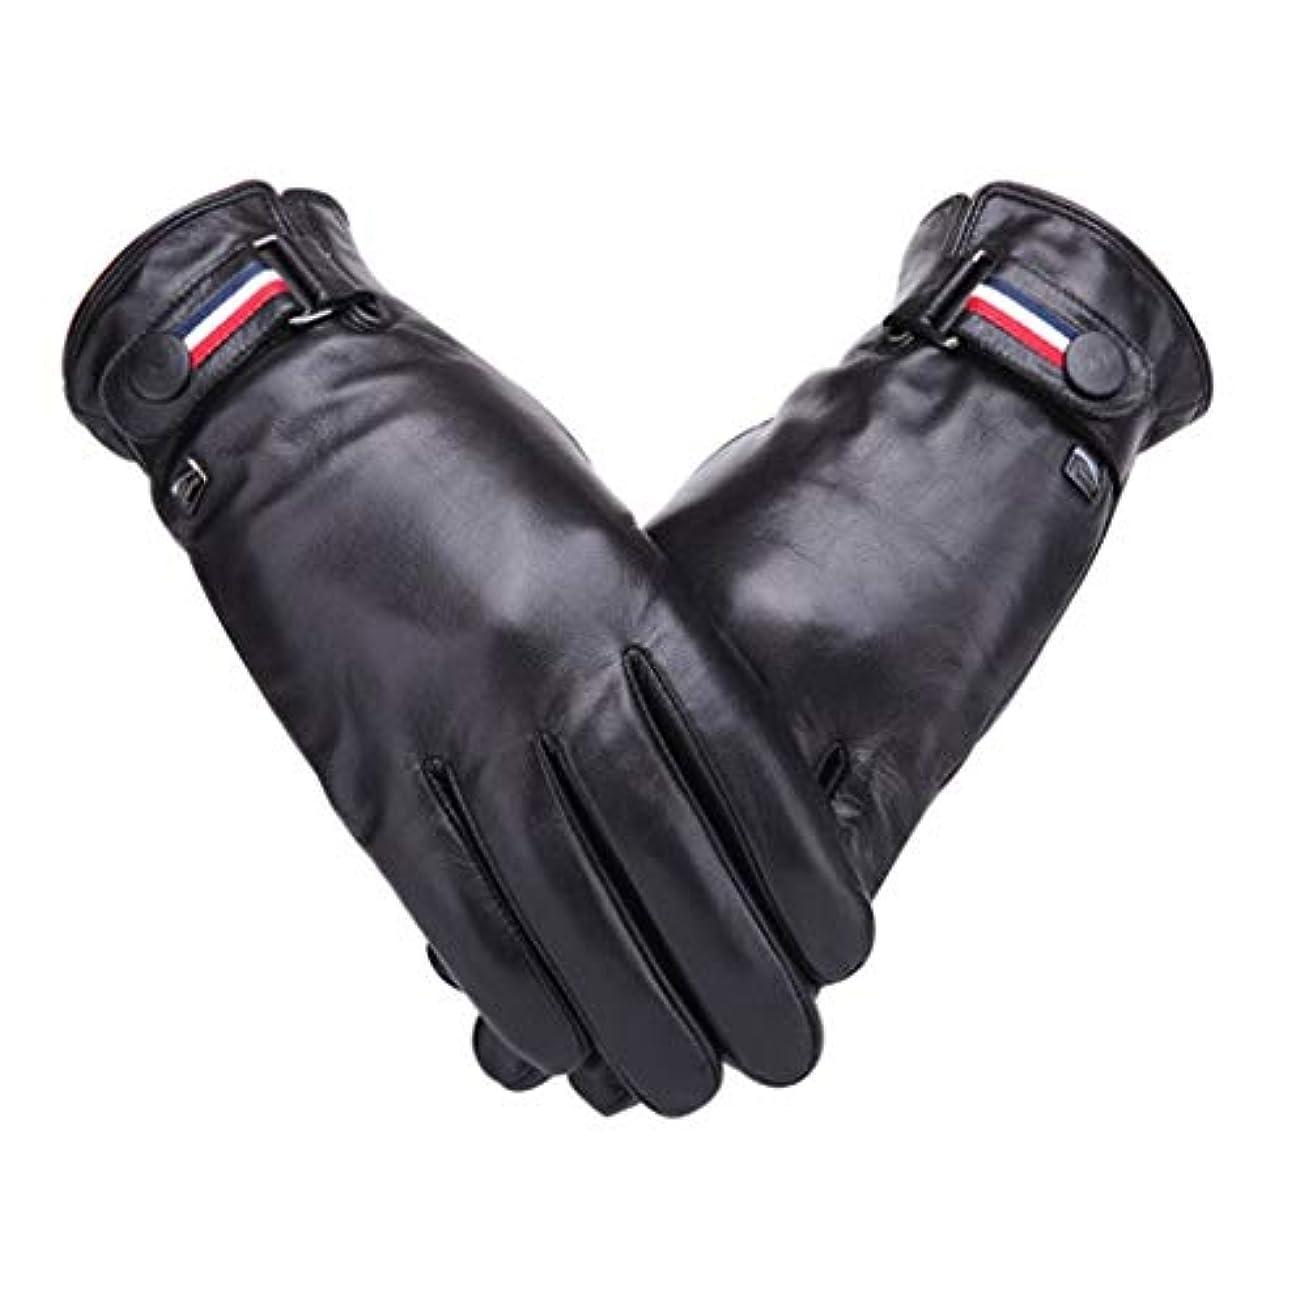 反映する明日止まる羊皮の手袋の男性秋と冬のサイクリングwindproof暖かいプラスベルベットの肥厚の男性の手袋